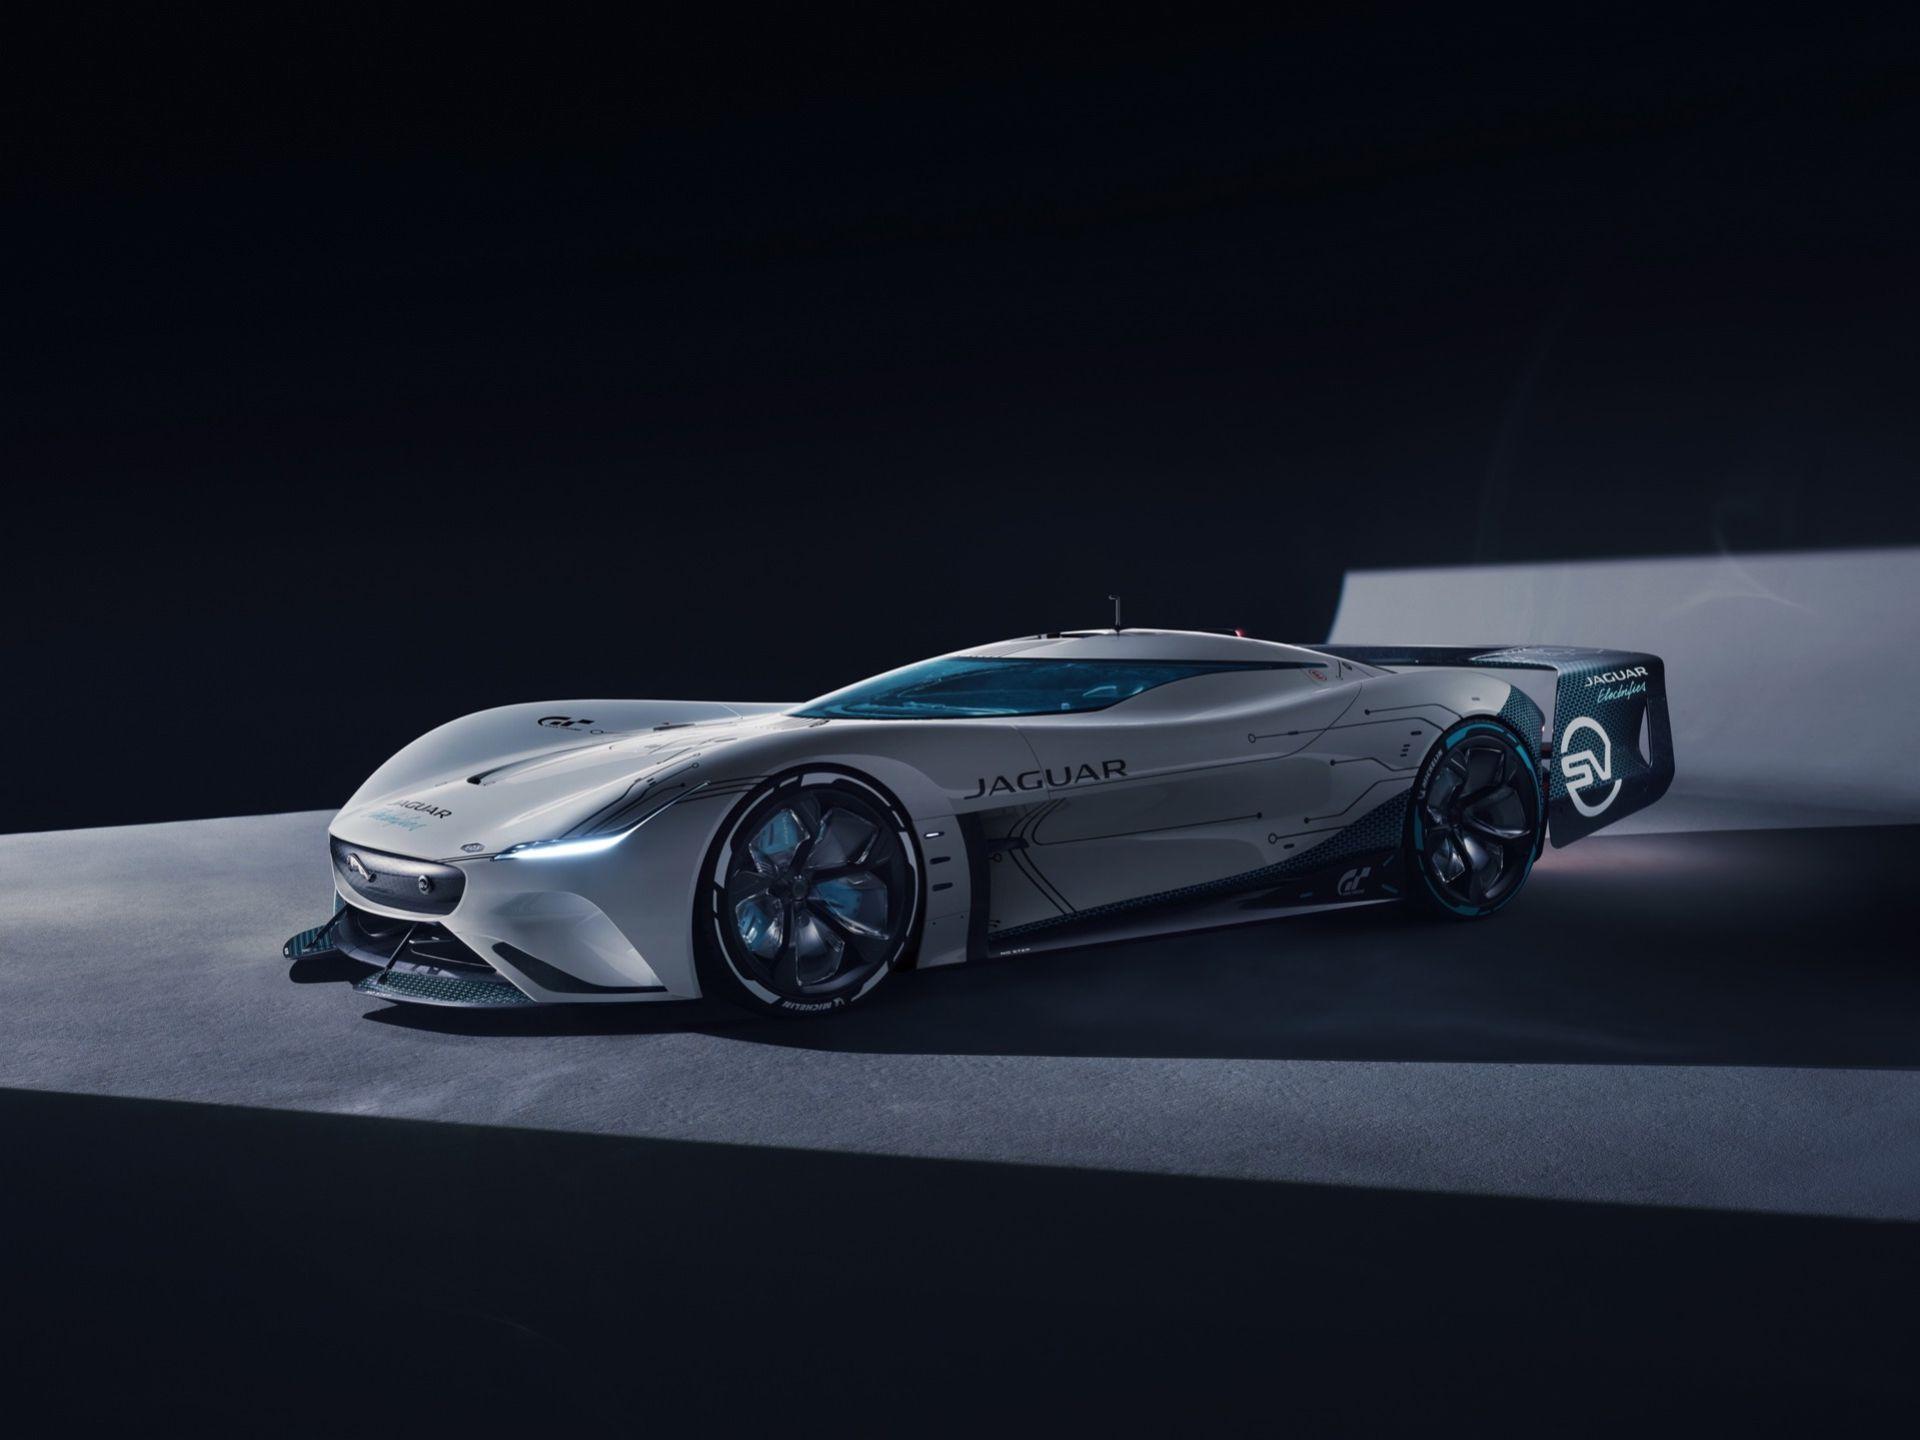 Det här är Jaguars nya Vision Gran Turismo-bil